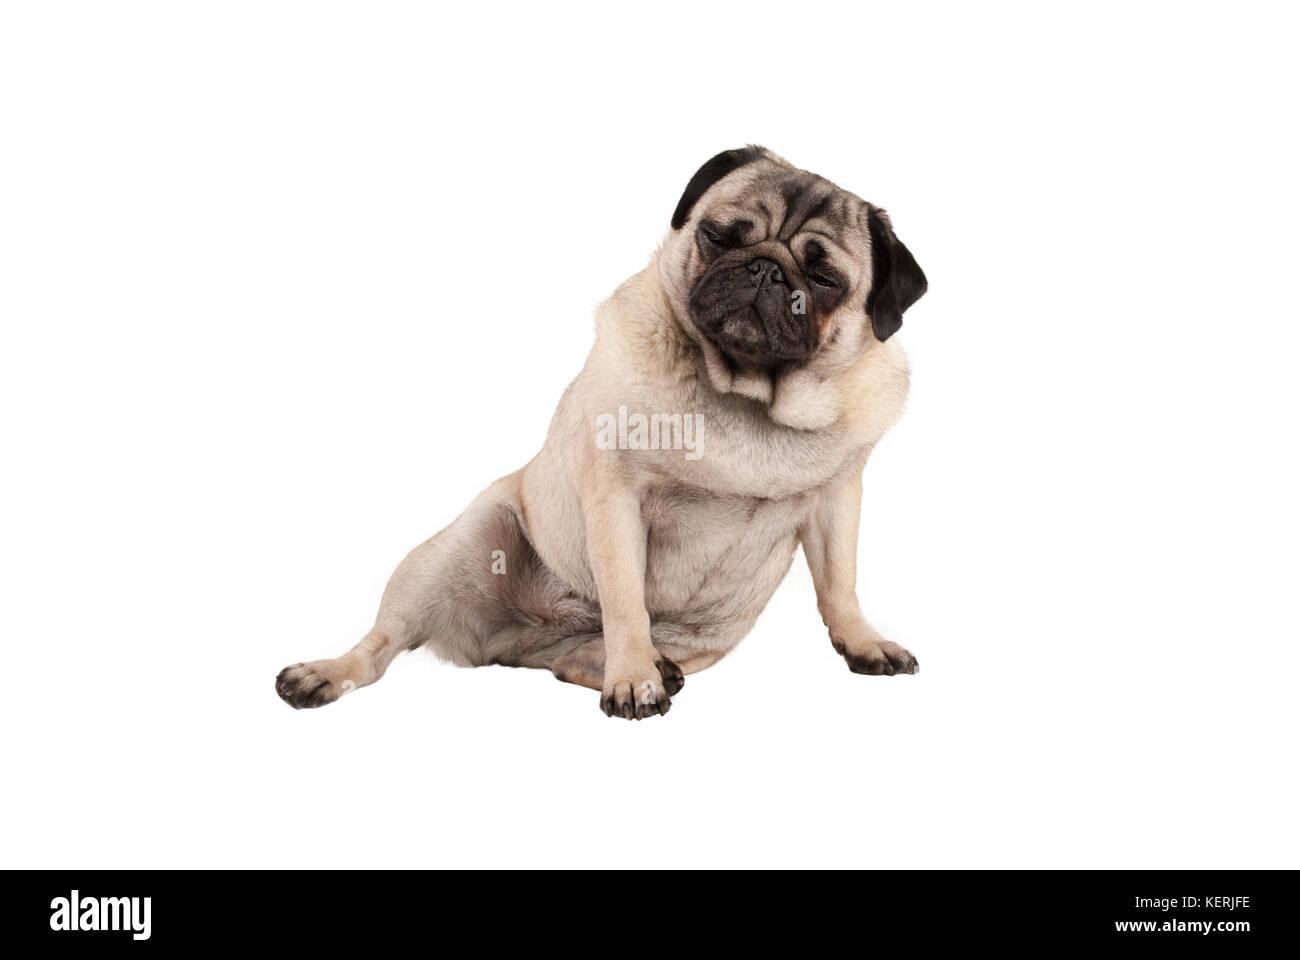 Cool cocky funny puppy dog pug, drôle à s'asseoir avec l'expression du visage, isolé sur Photo Stock